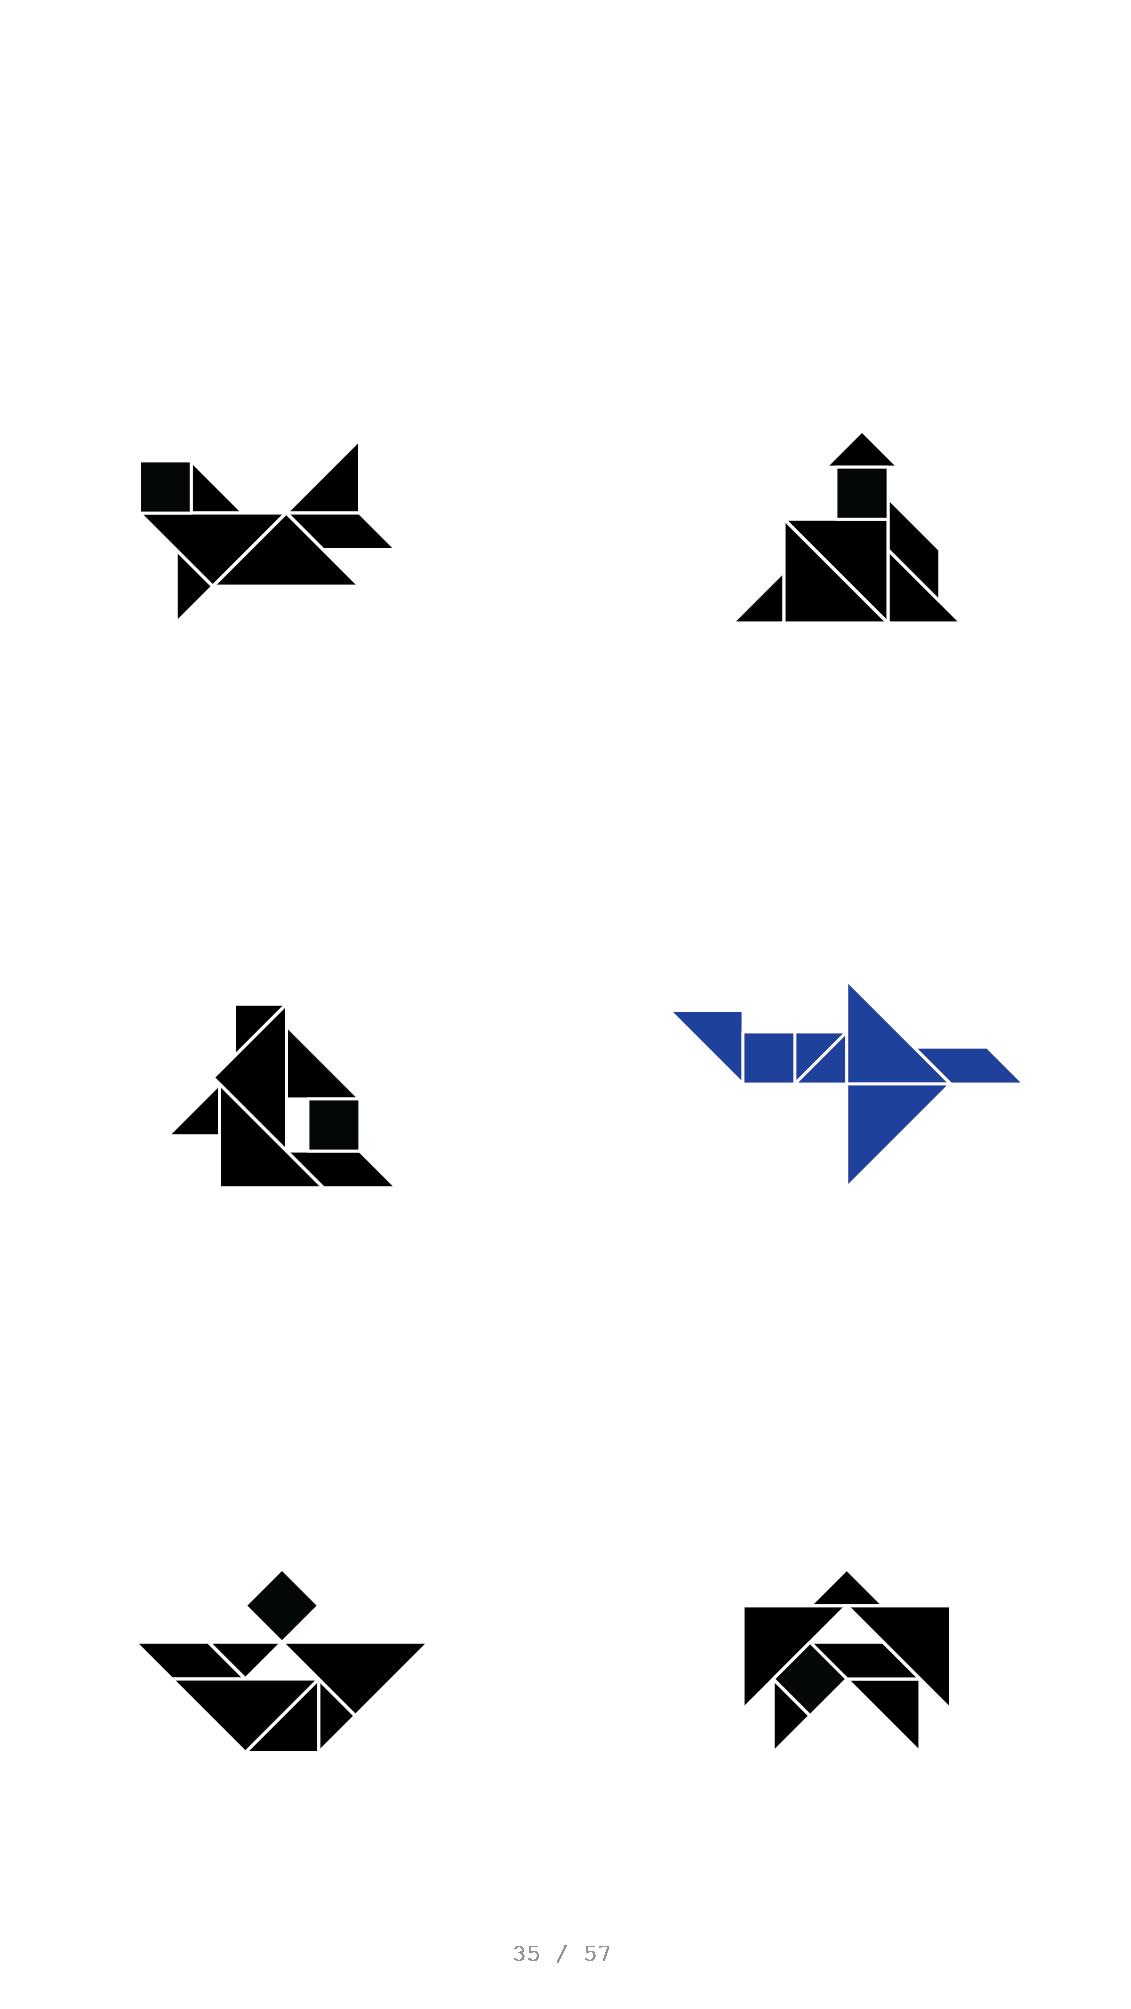 Tangram_Layout_2x3_schwarz-35